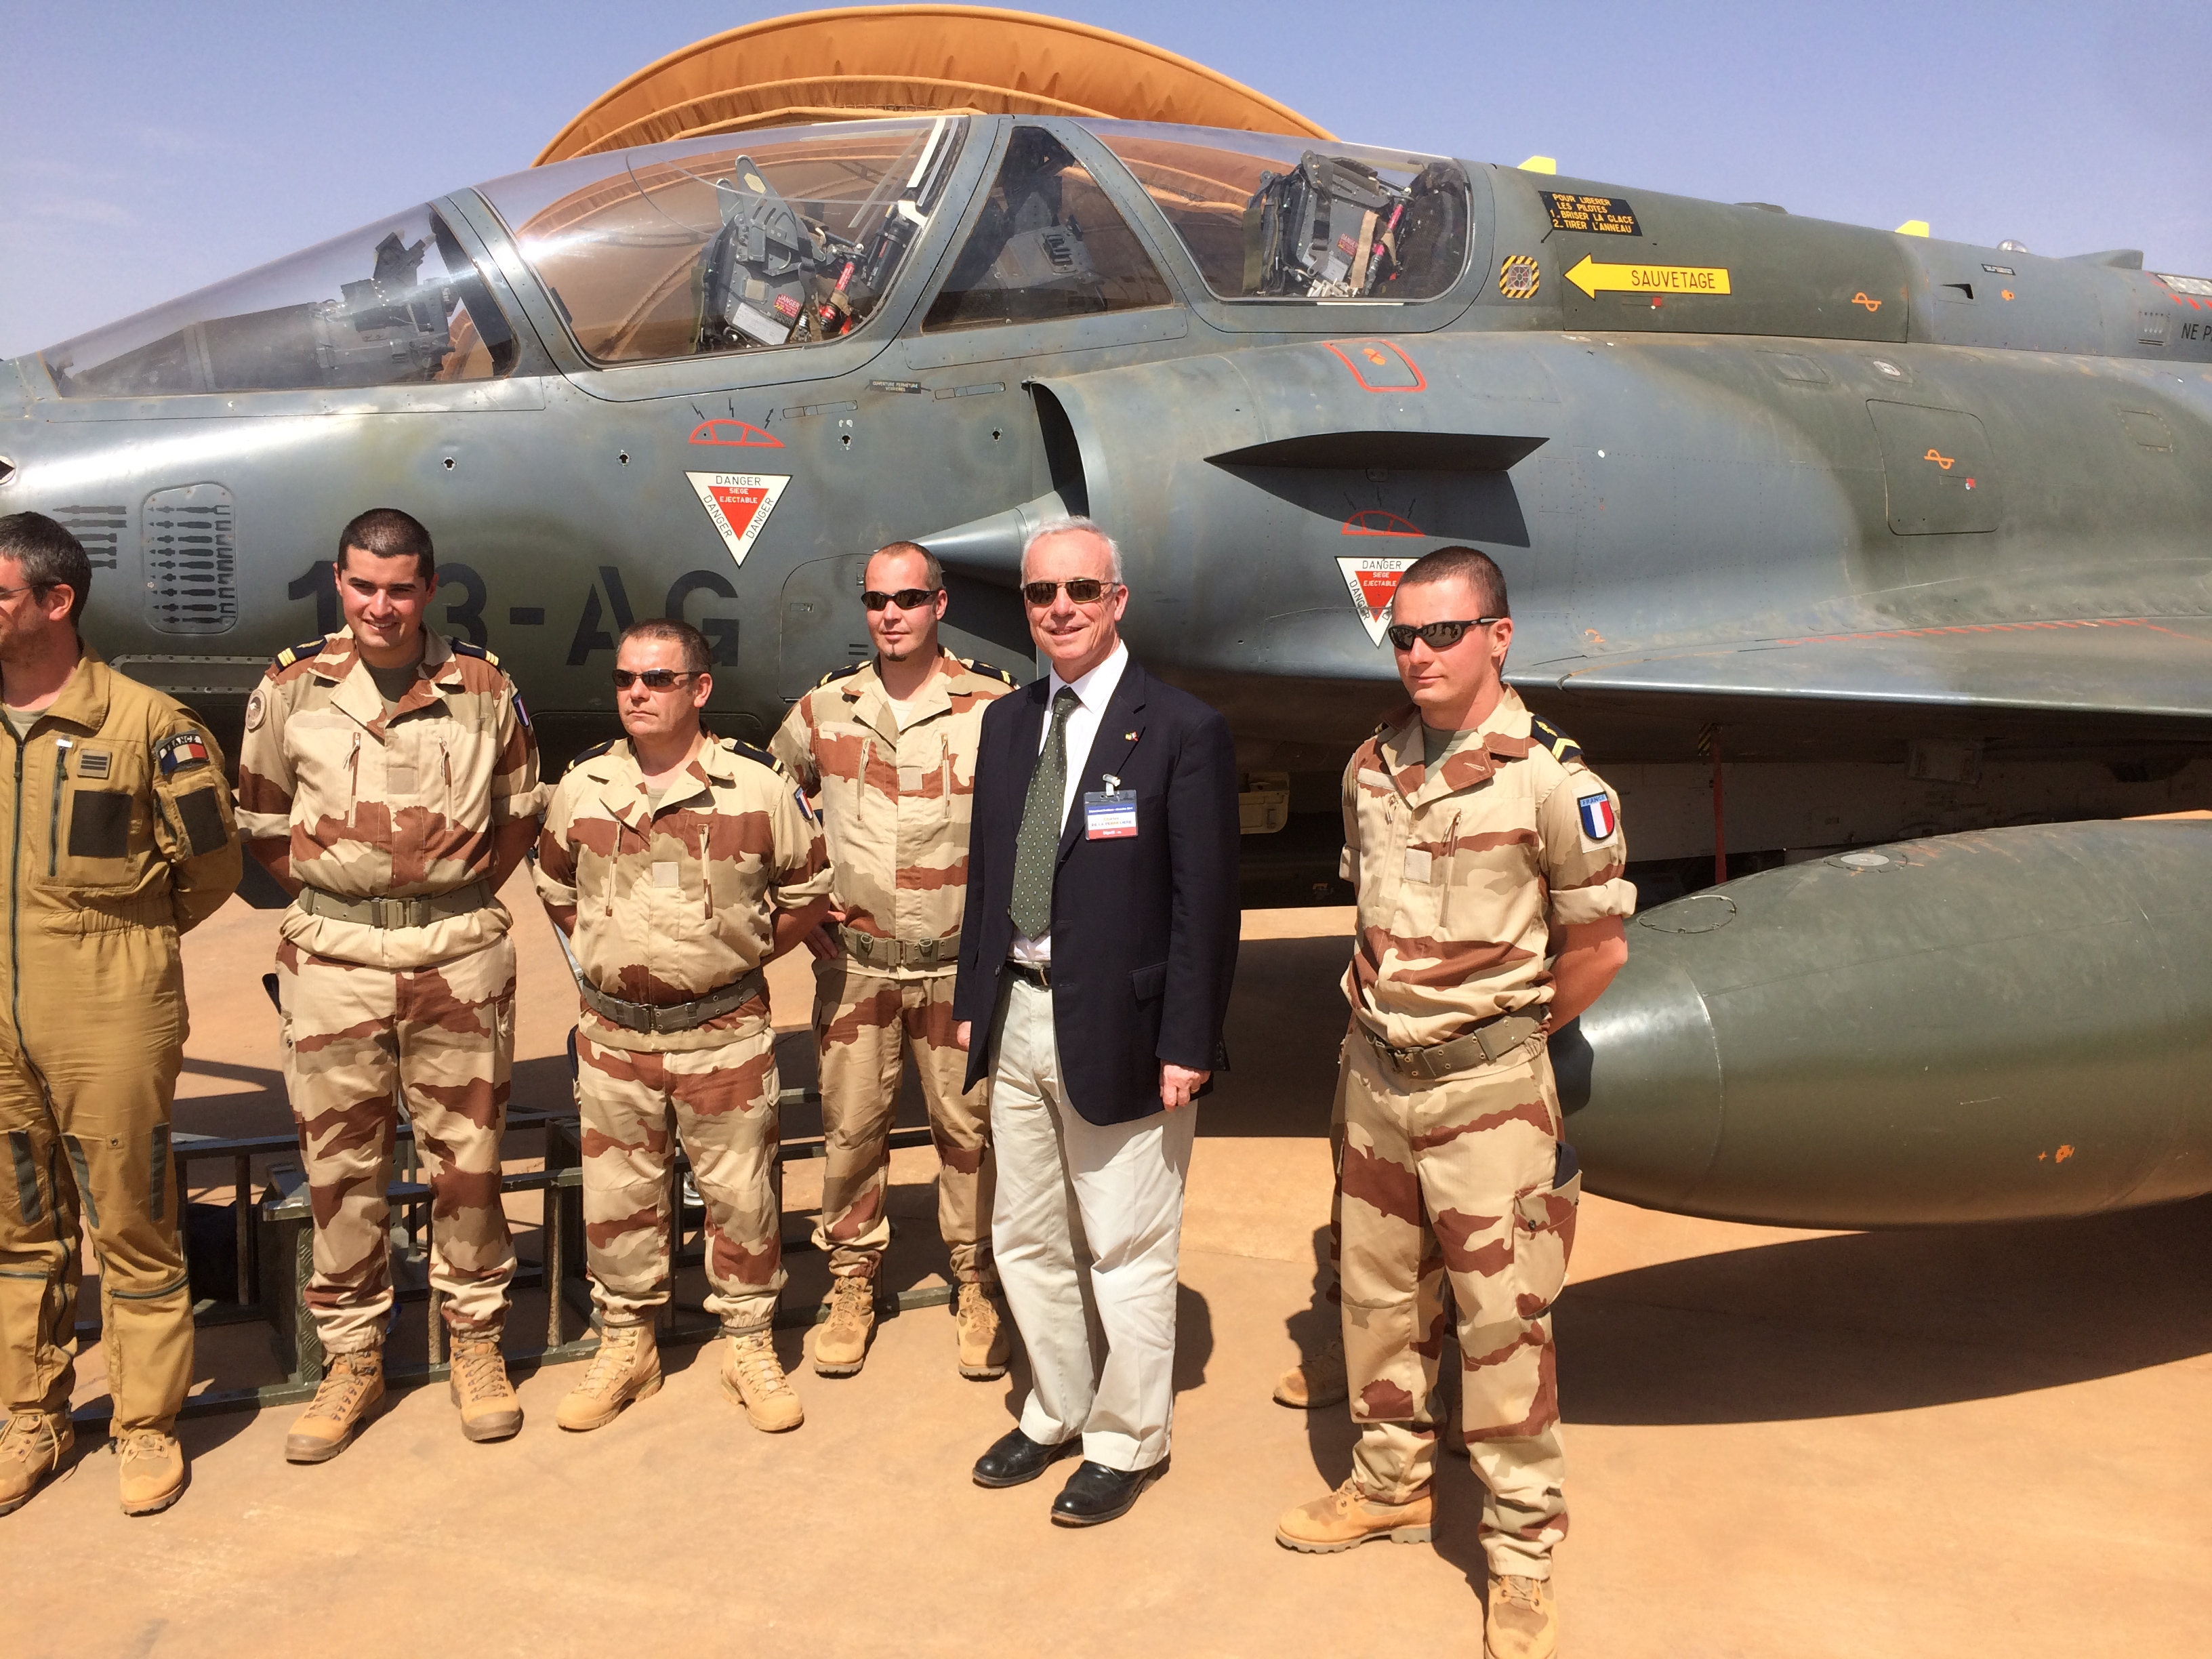 Réveillon avec les troupes françaises en Afrique